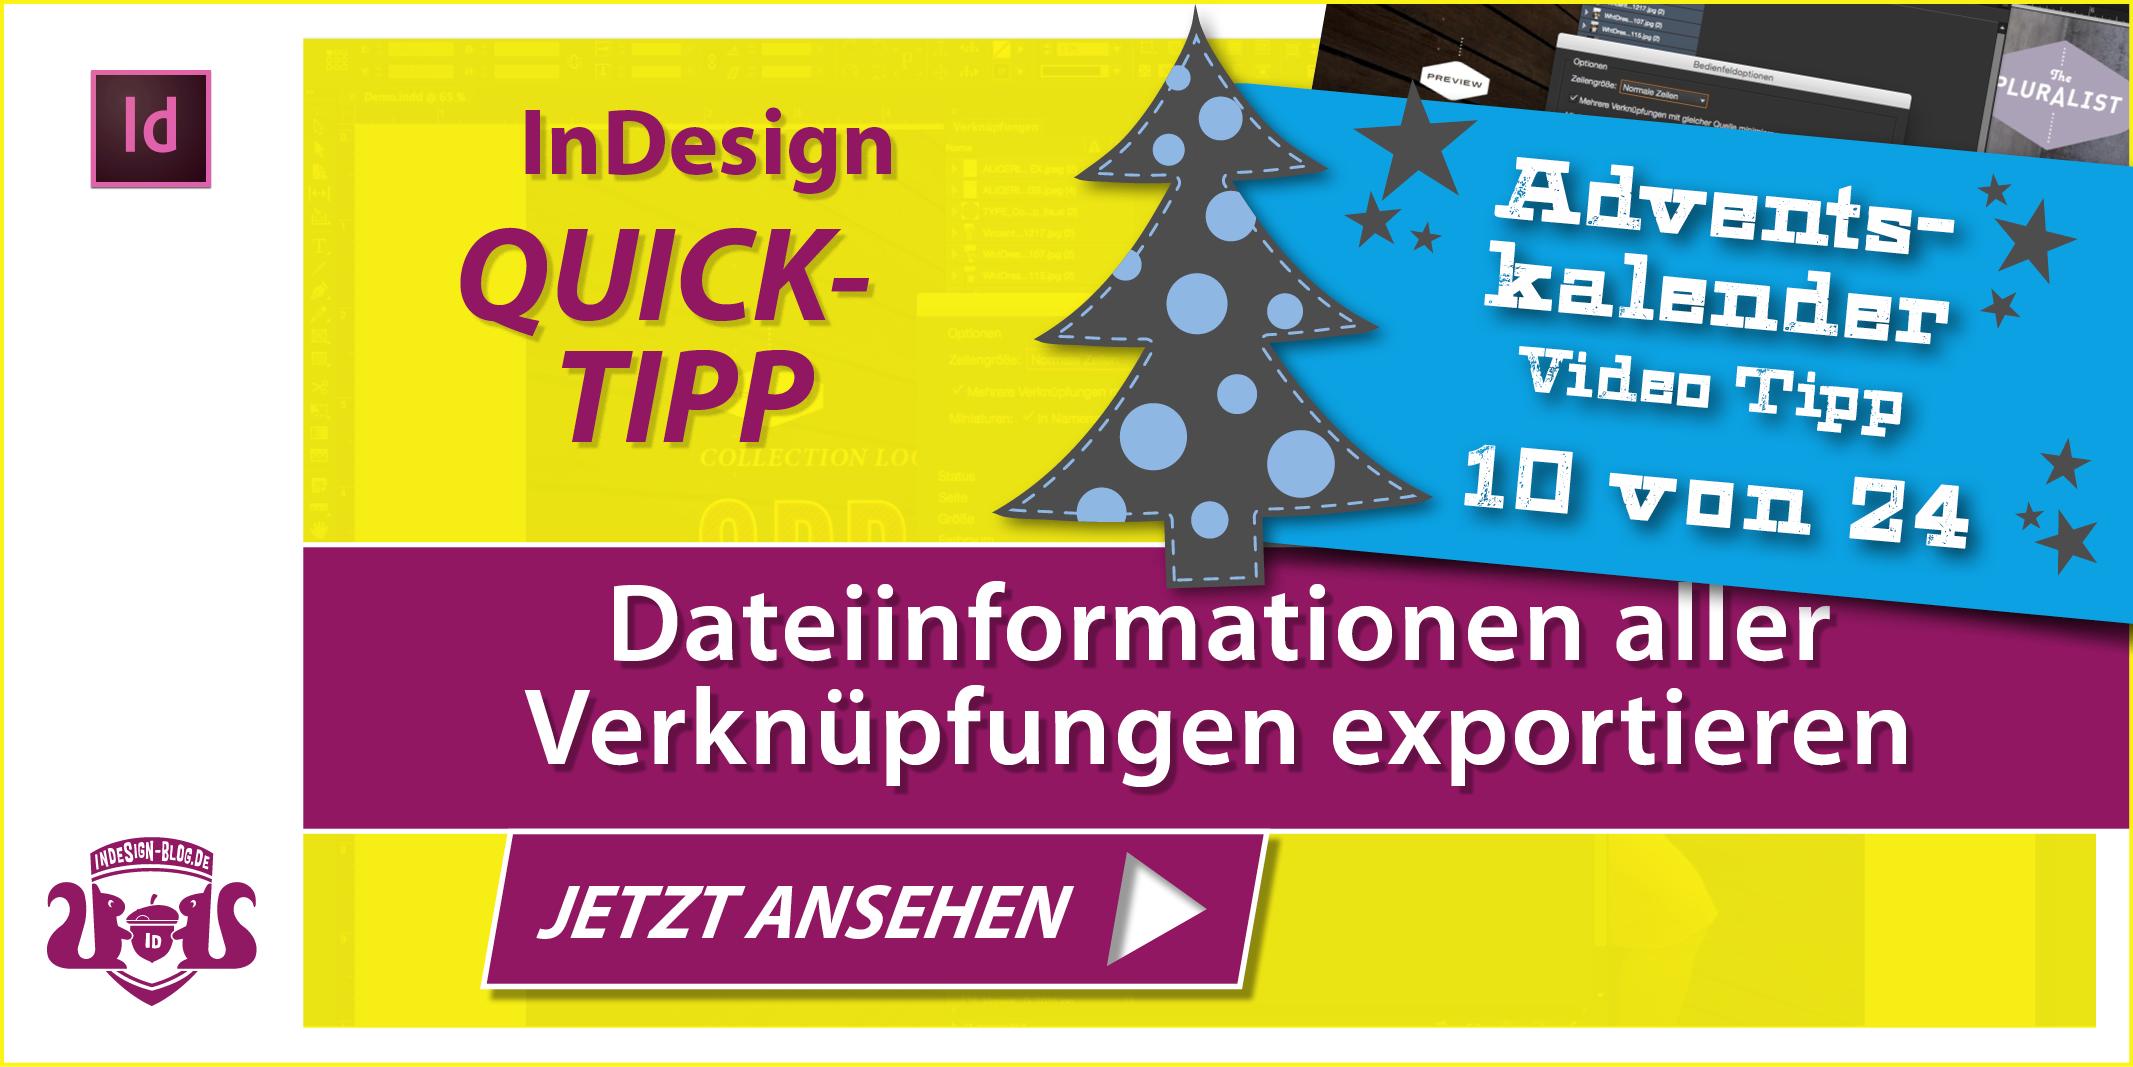 Tumbnail Quicktipp Dateiinformationen Exportieren